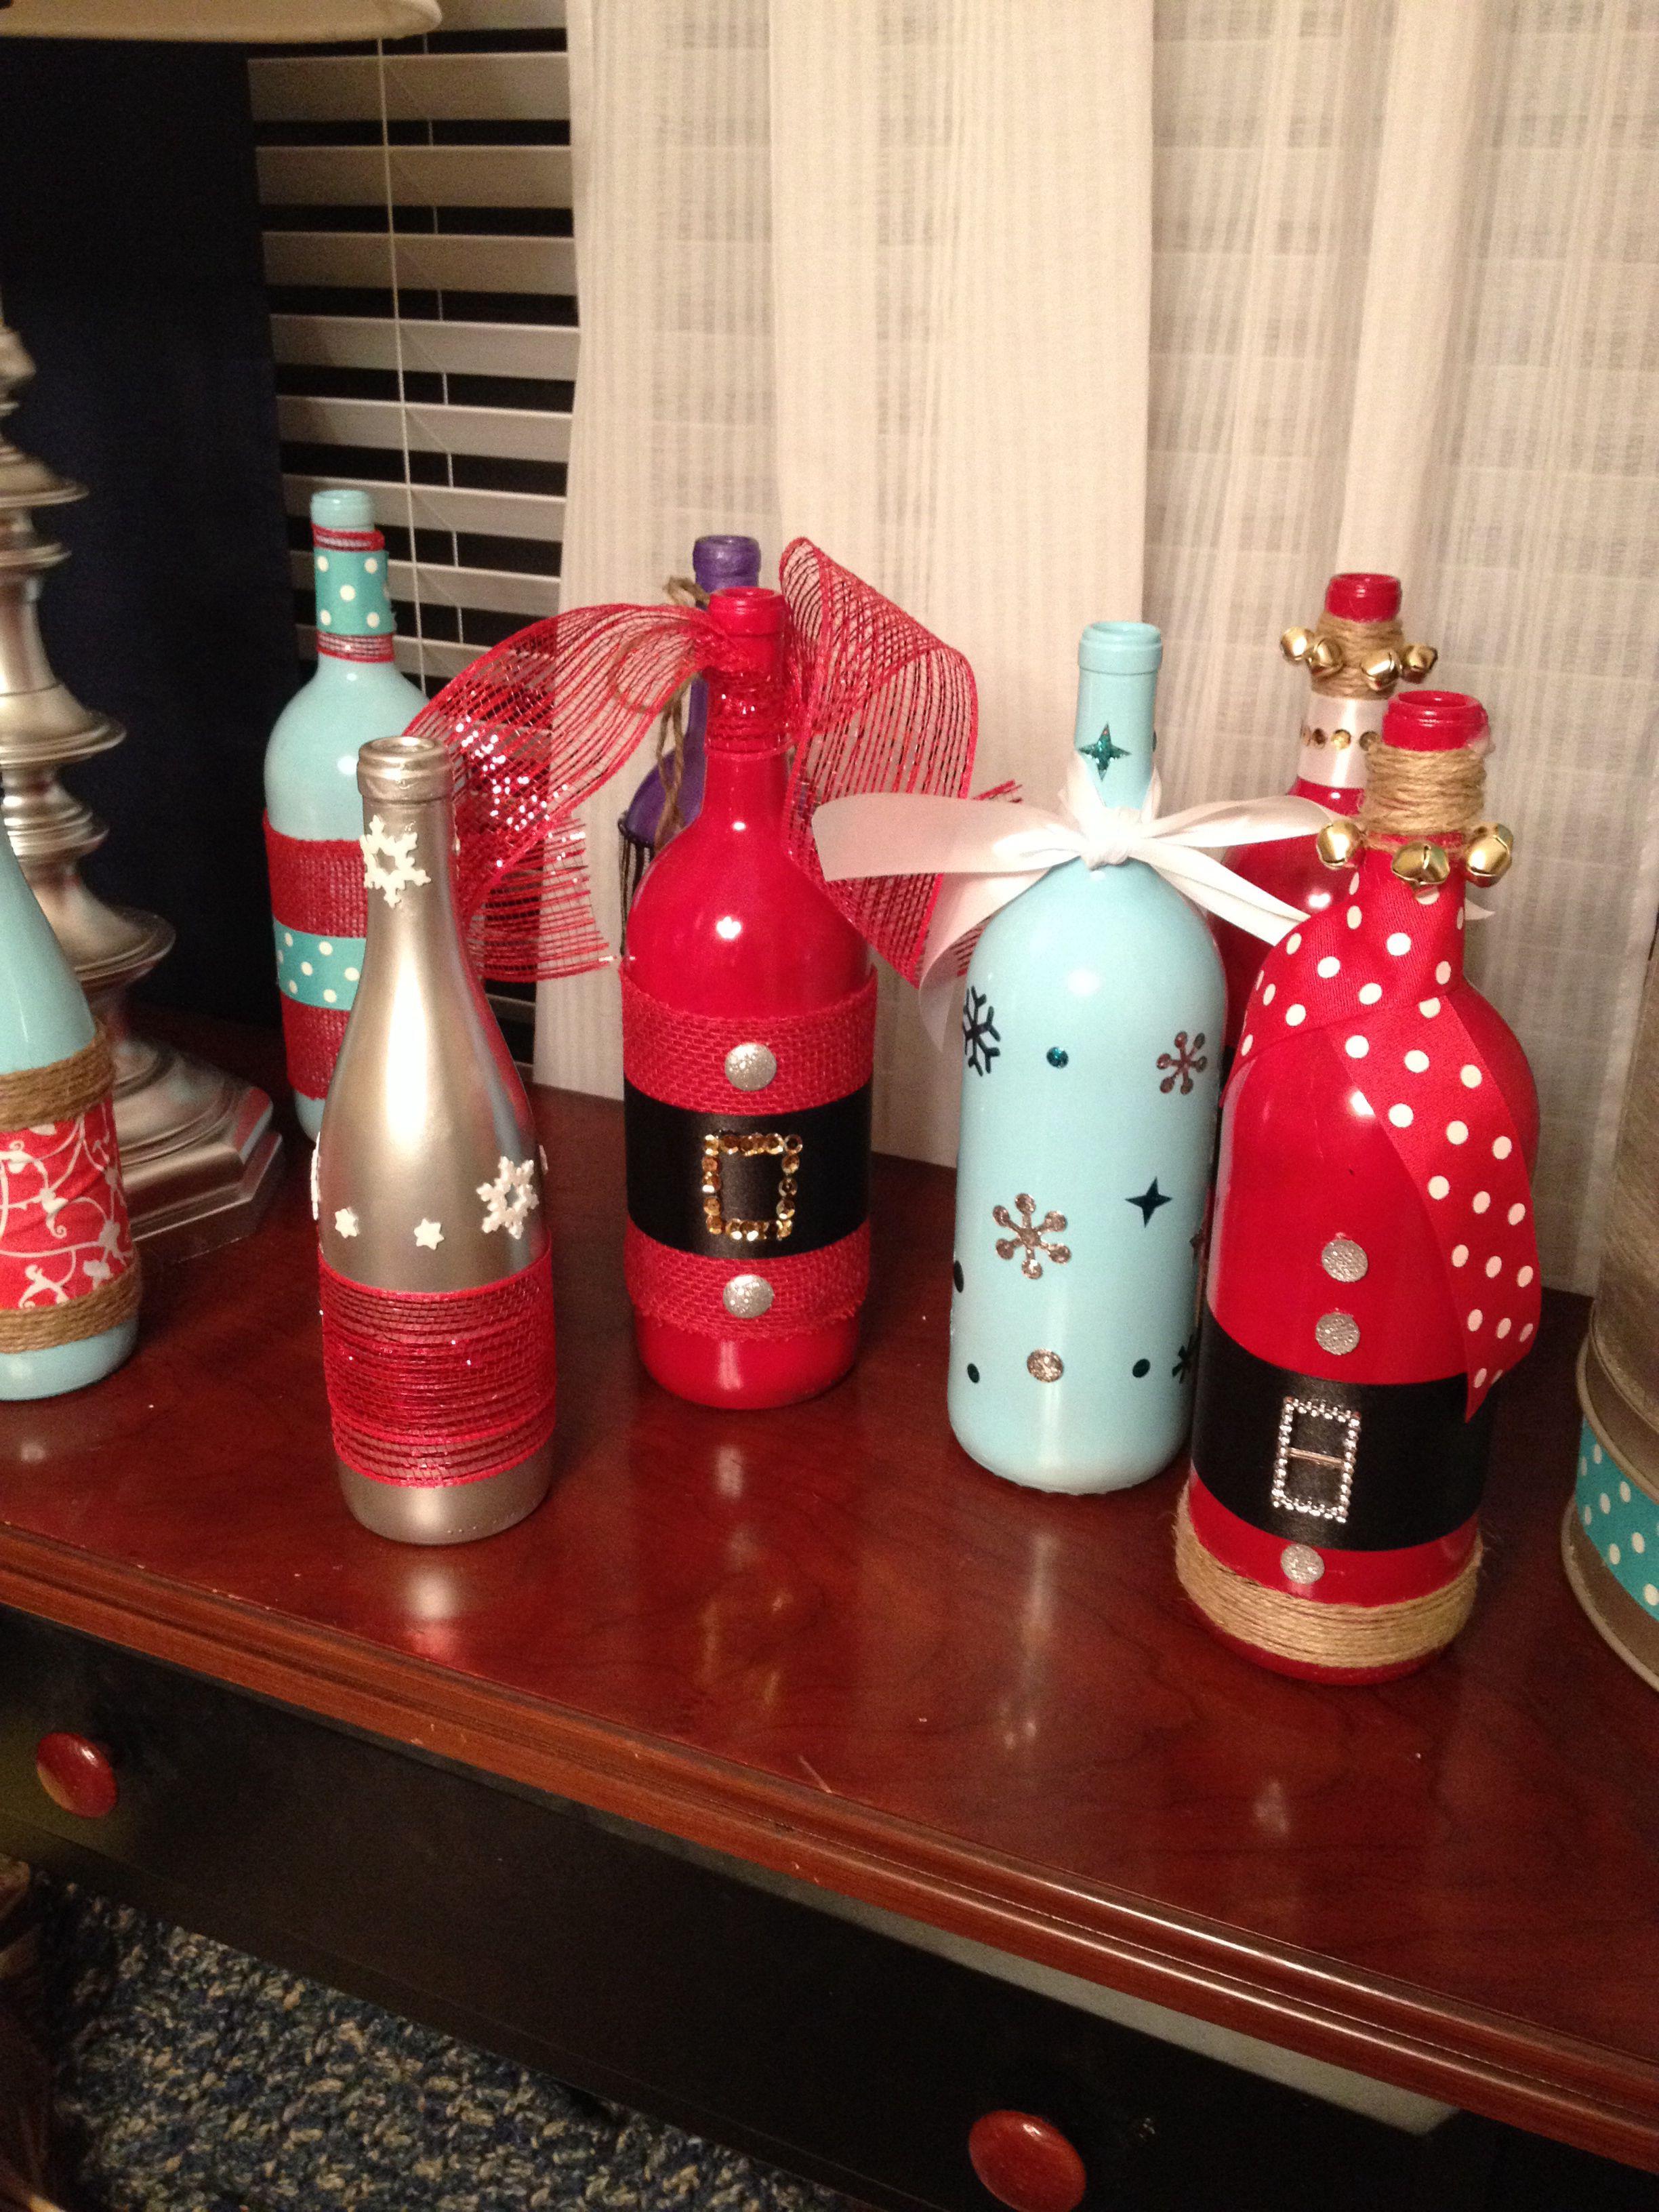 Christmas Wine Bottles Wine Bottle Christmas Decorations Bottles Decoration Christmas Wine Bottles